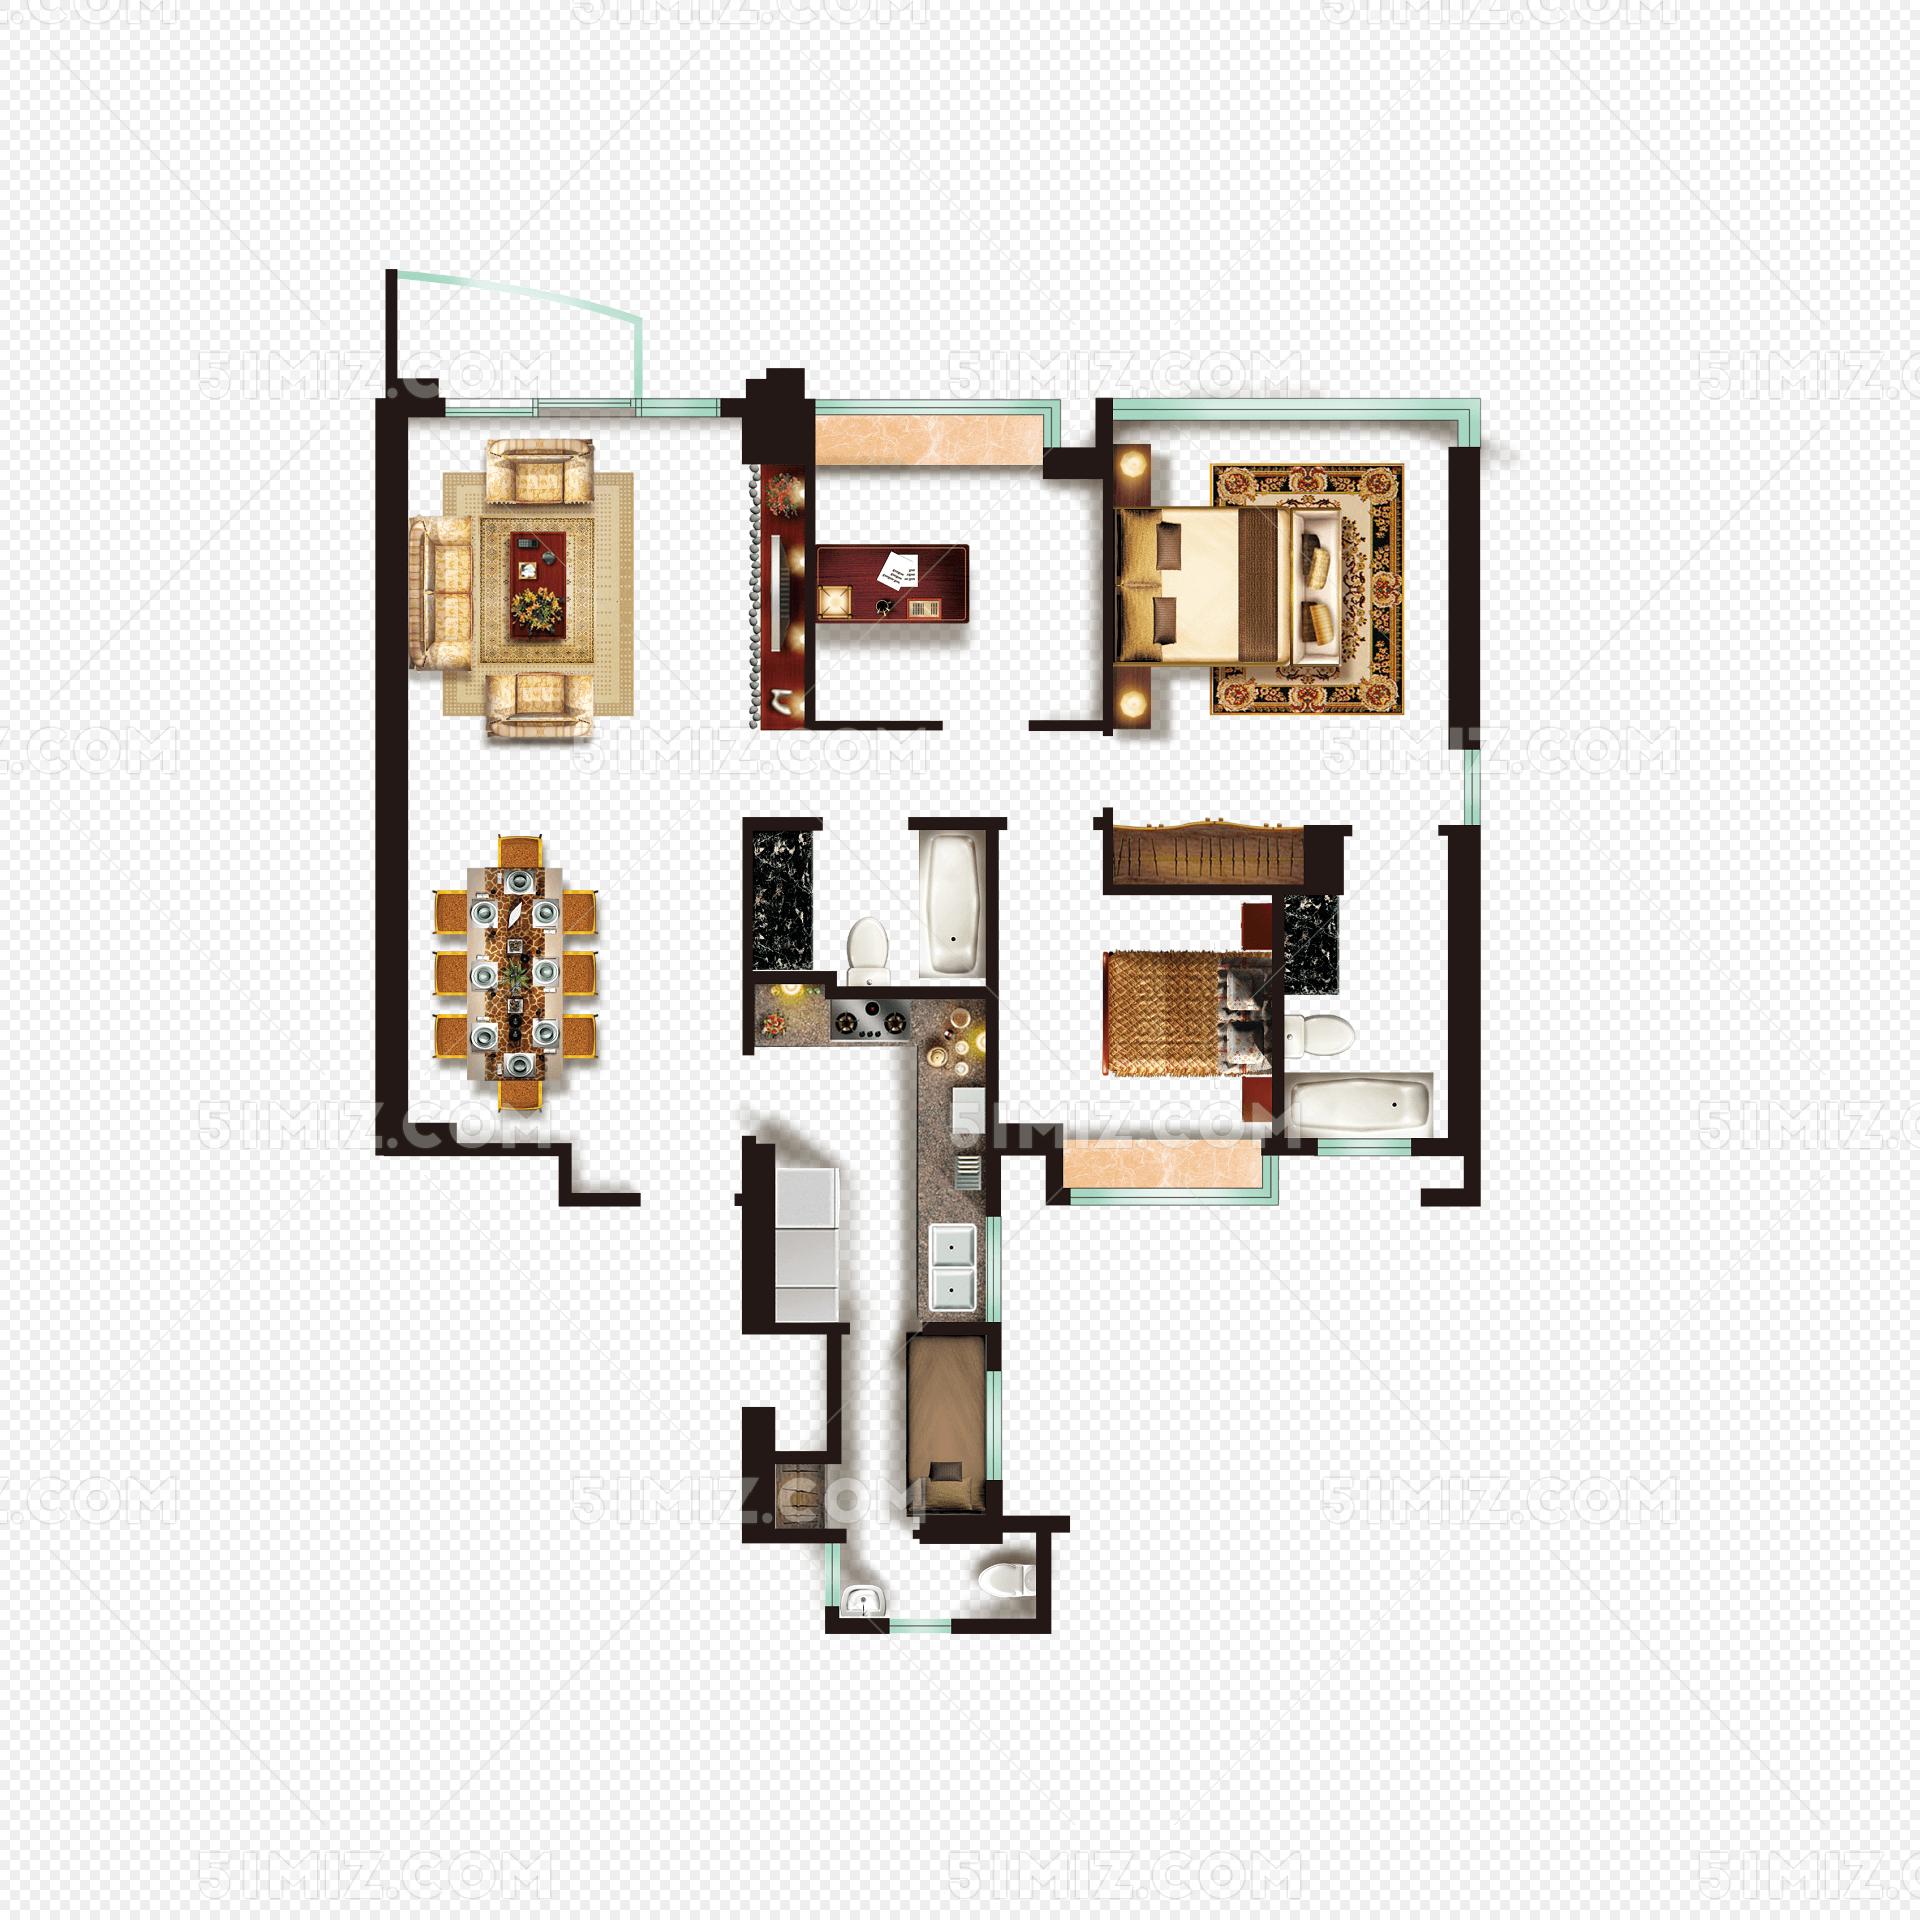 彩平图 户型图家具免费下载_png素材_觅知网